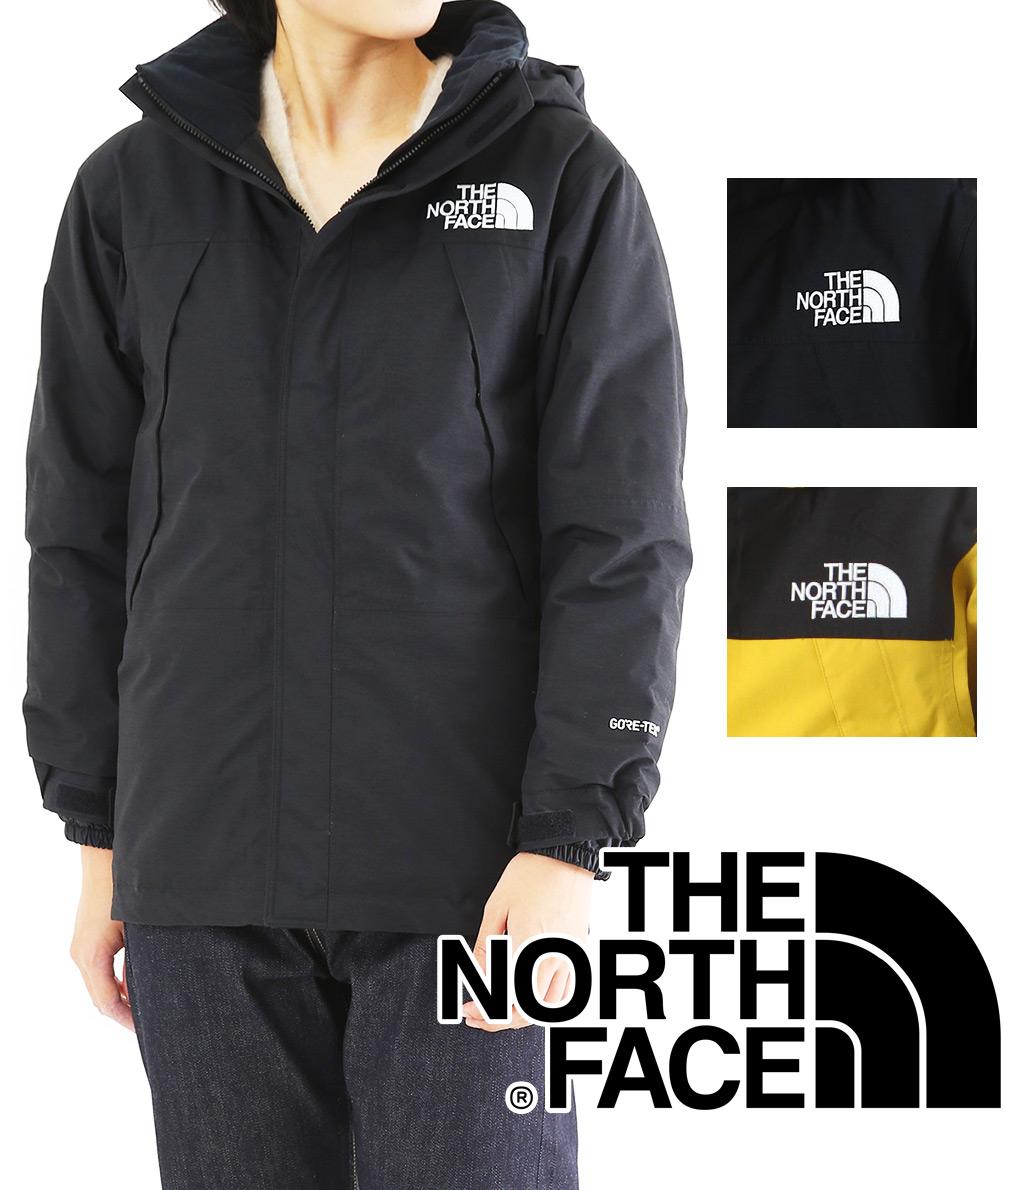 THE NORTH FACE / ノースフェイス ザ・ノースフェイス : 【レディース対応】Mountain Insulation Jacket / 全2色 : ノースフェイス マウンテン インサレーション ジャケット 18AW 18秋冬 レディース : NYJ81800【DEA】